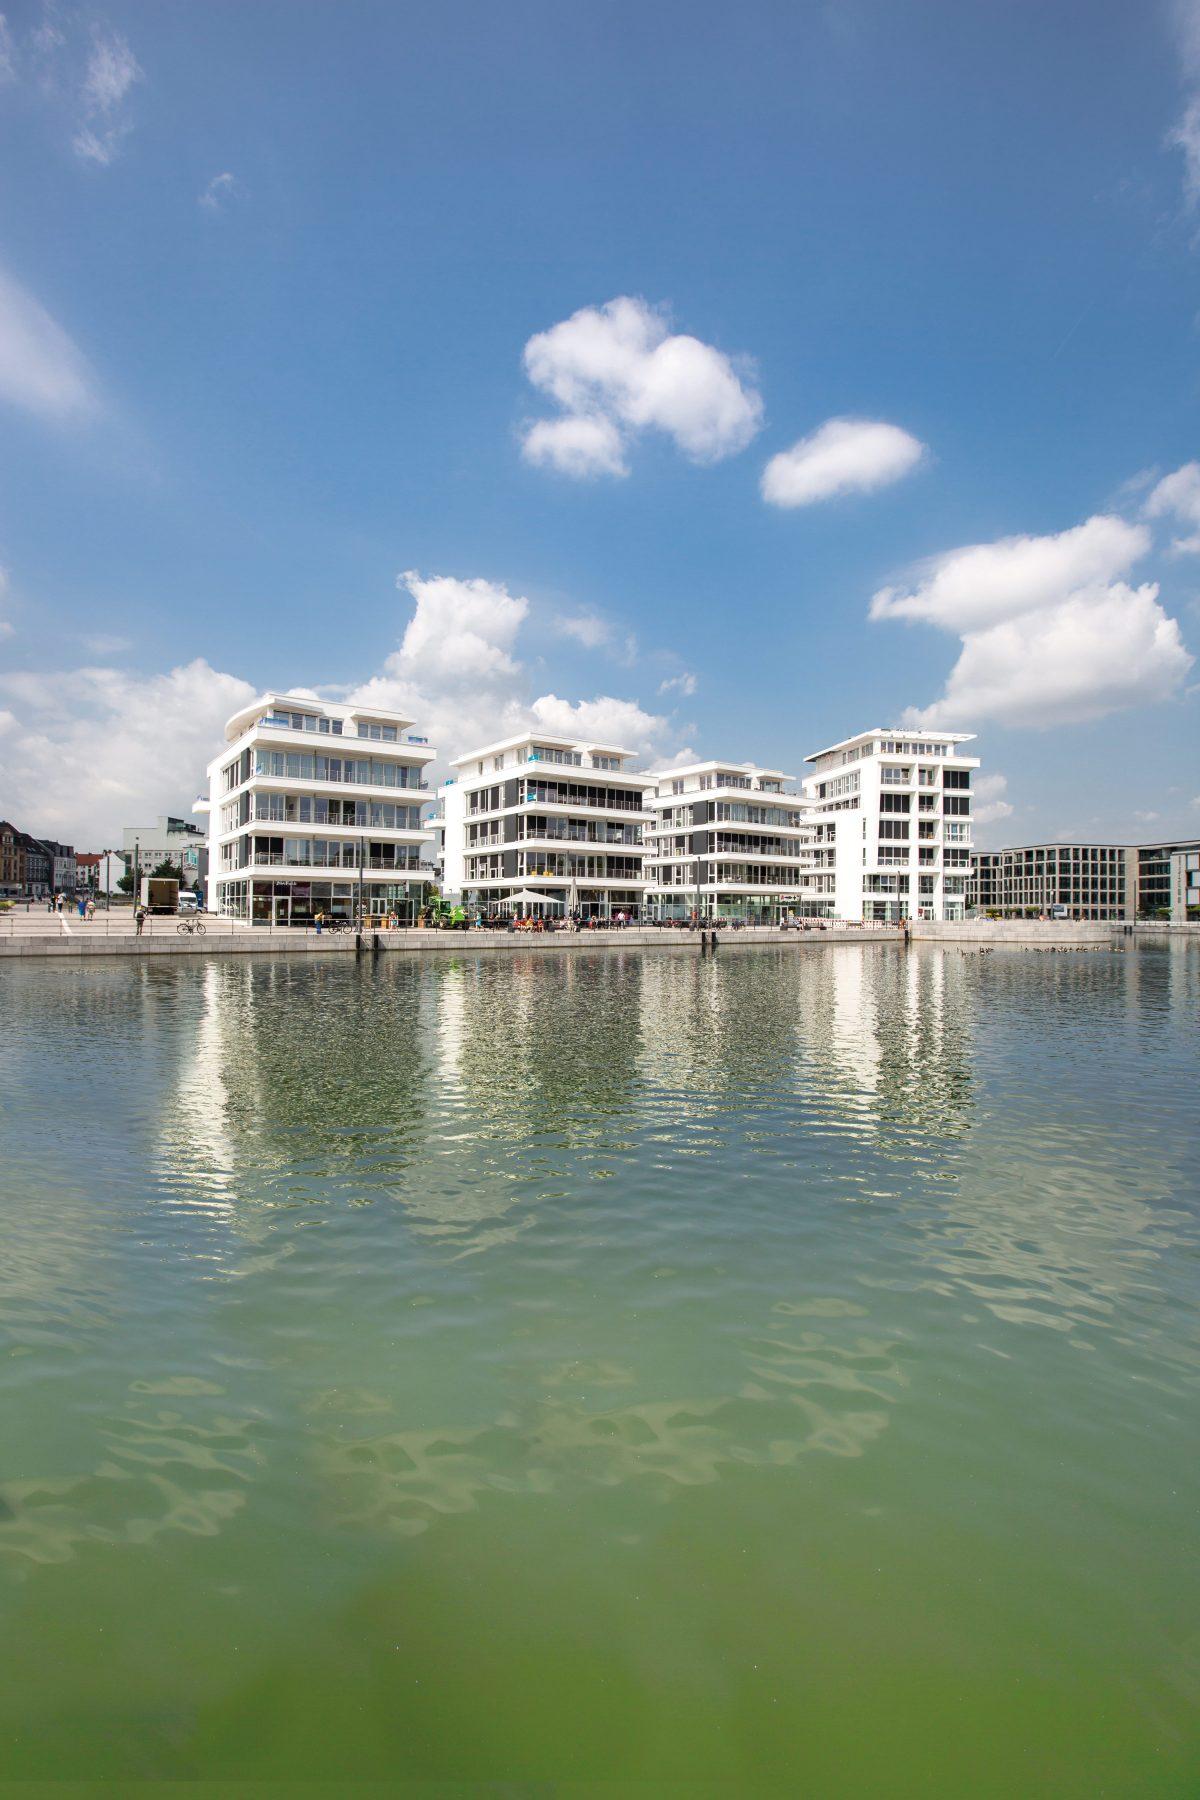 Phönixsee in Dortmund